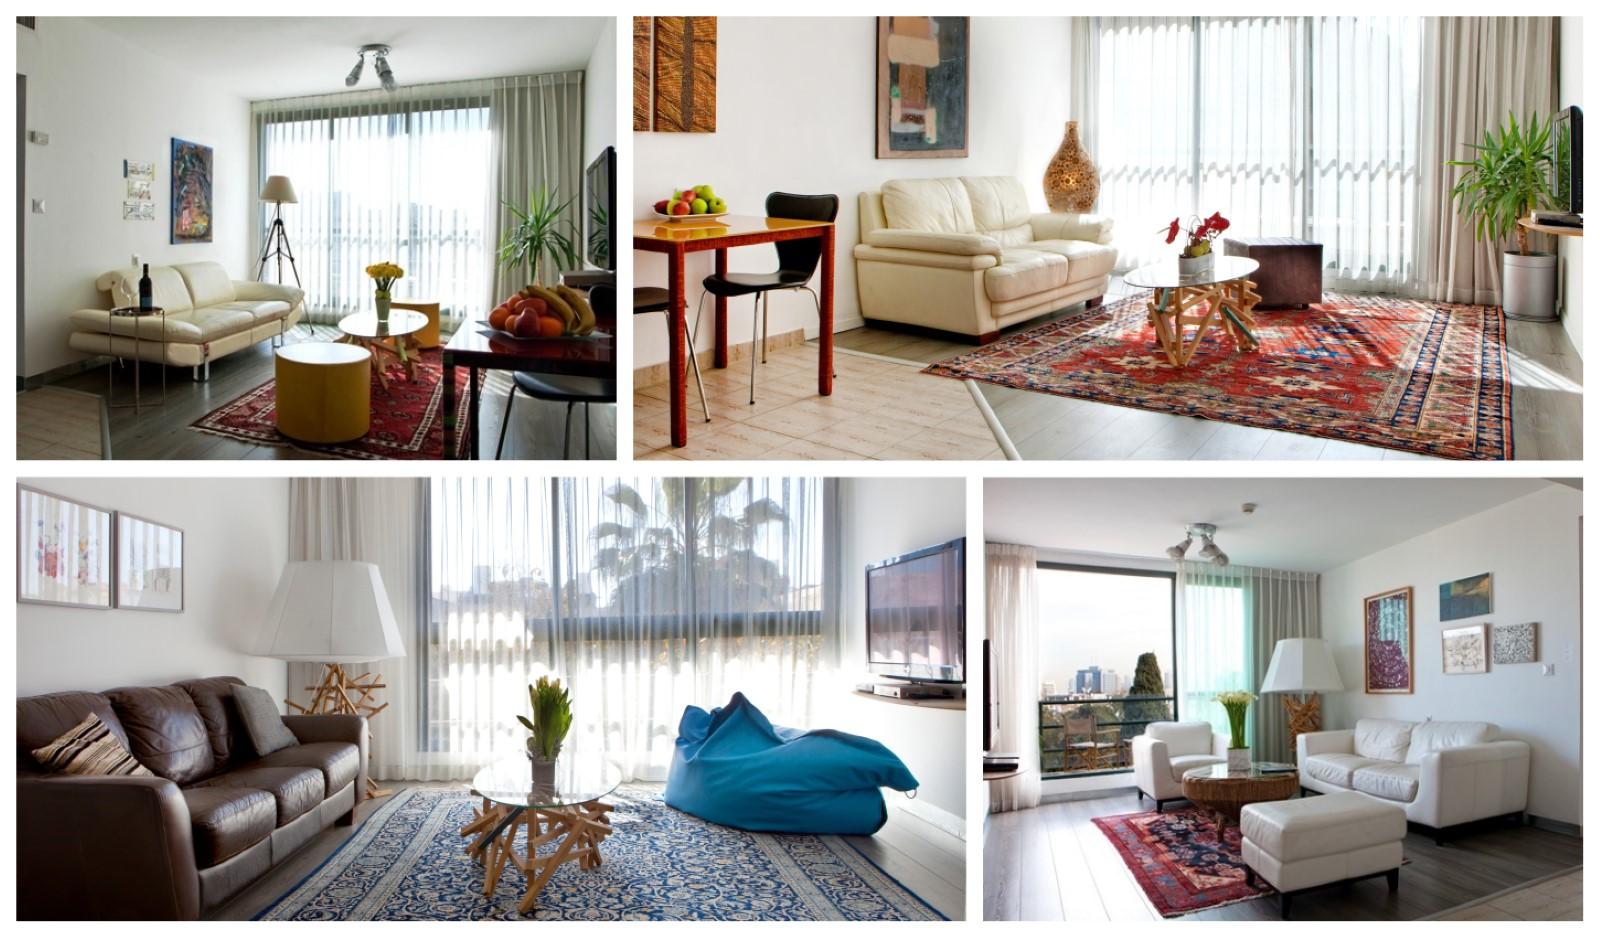 תמונות של מלון דיאגלב